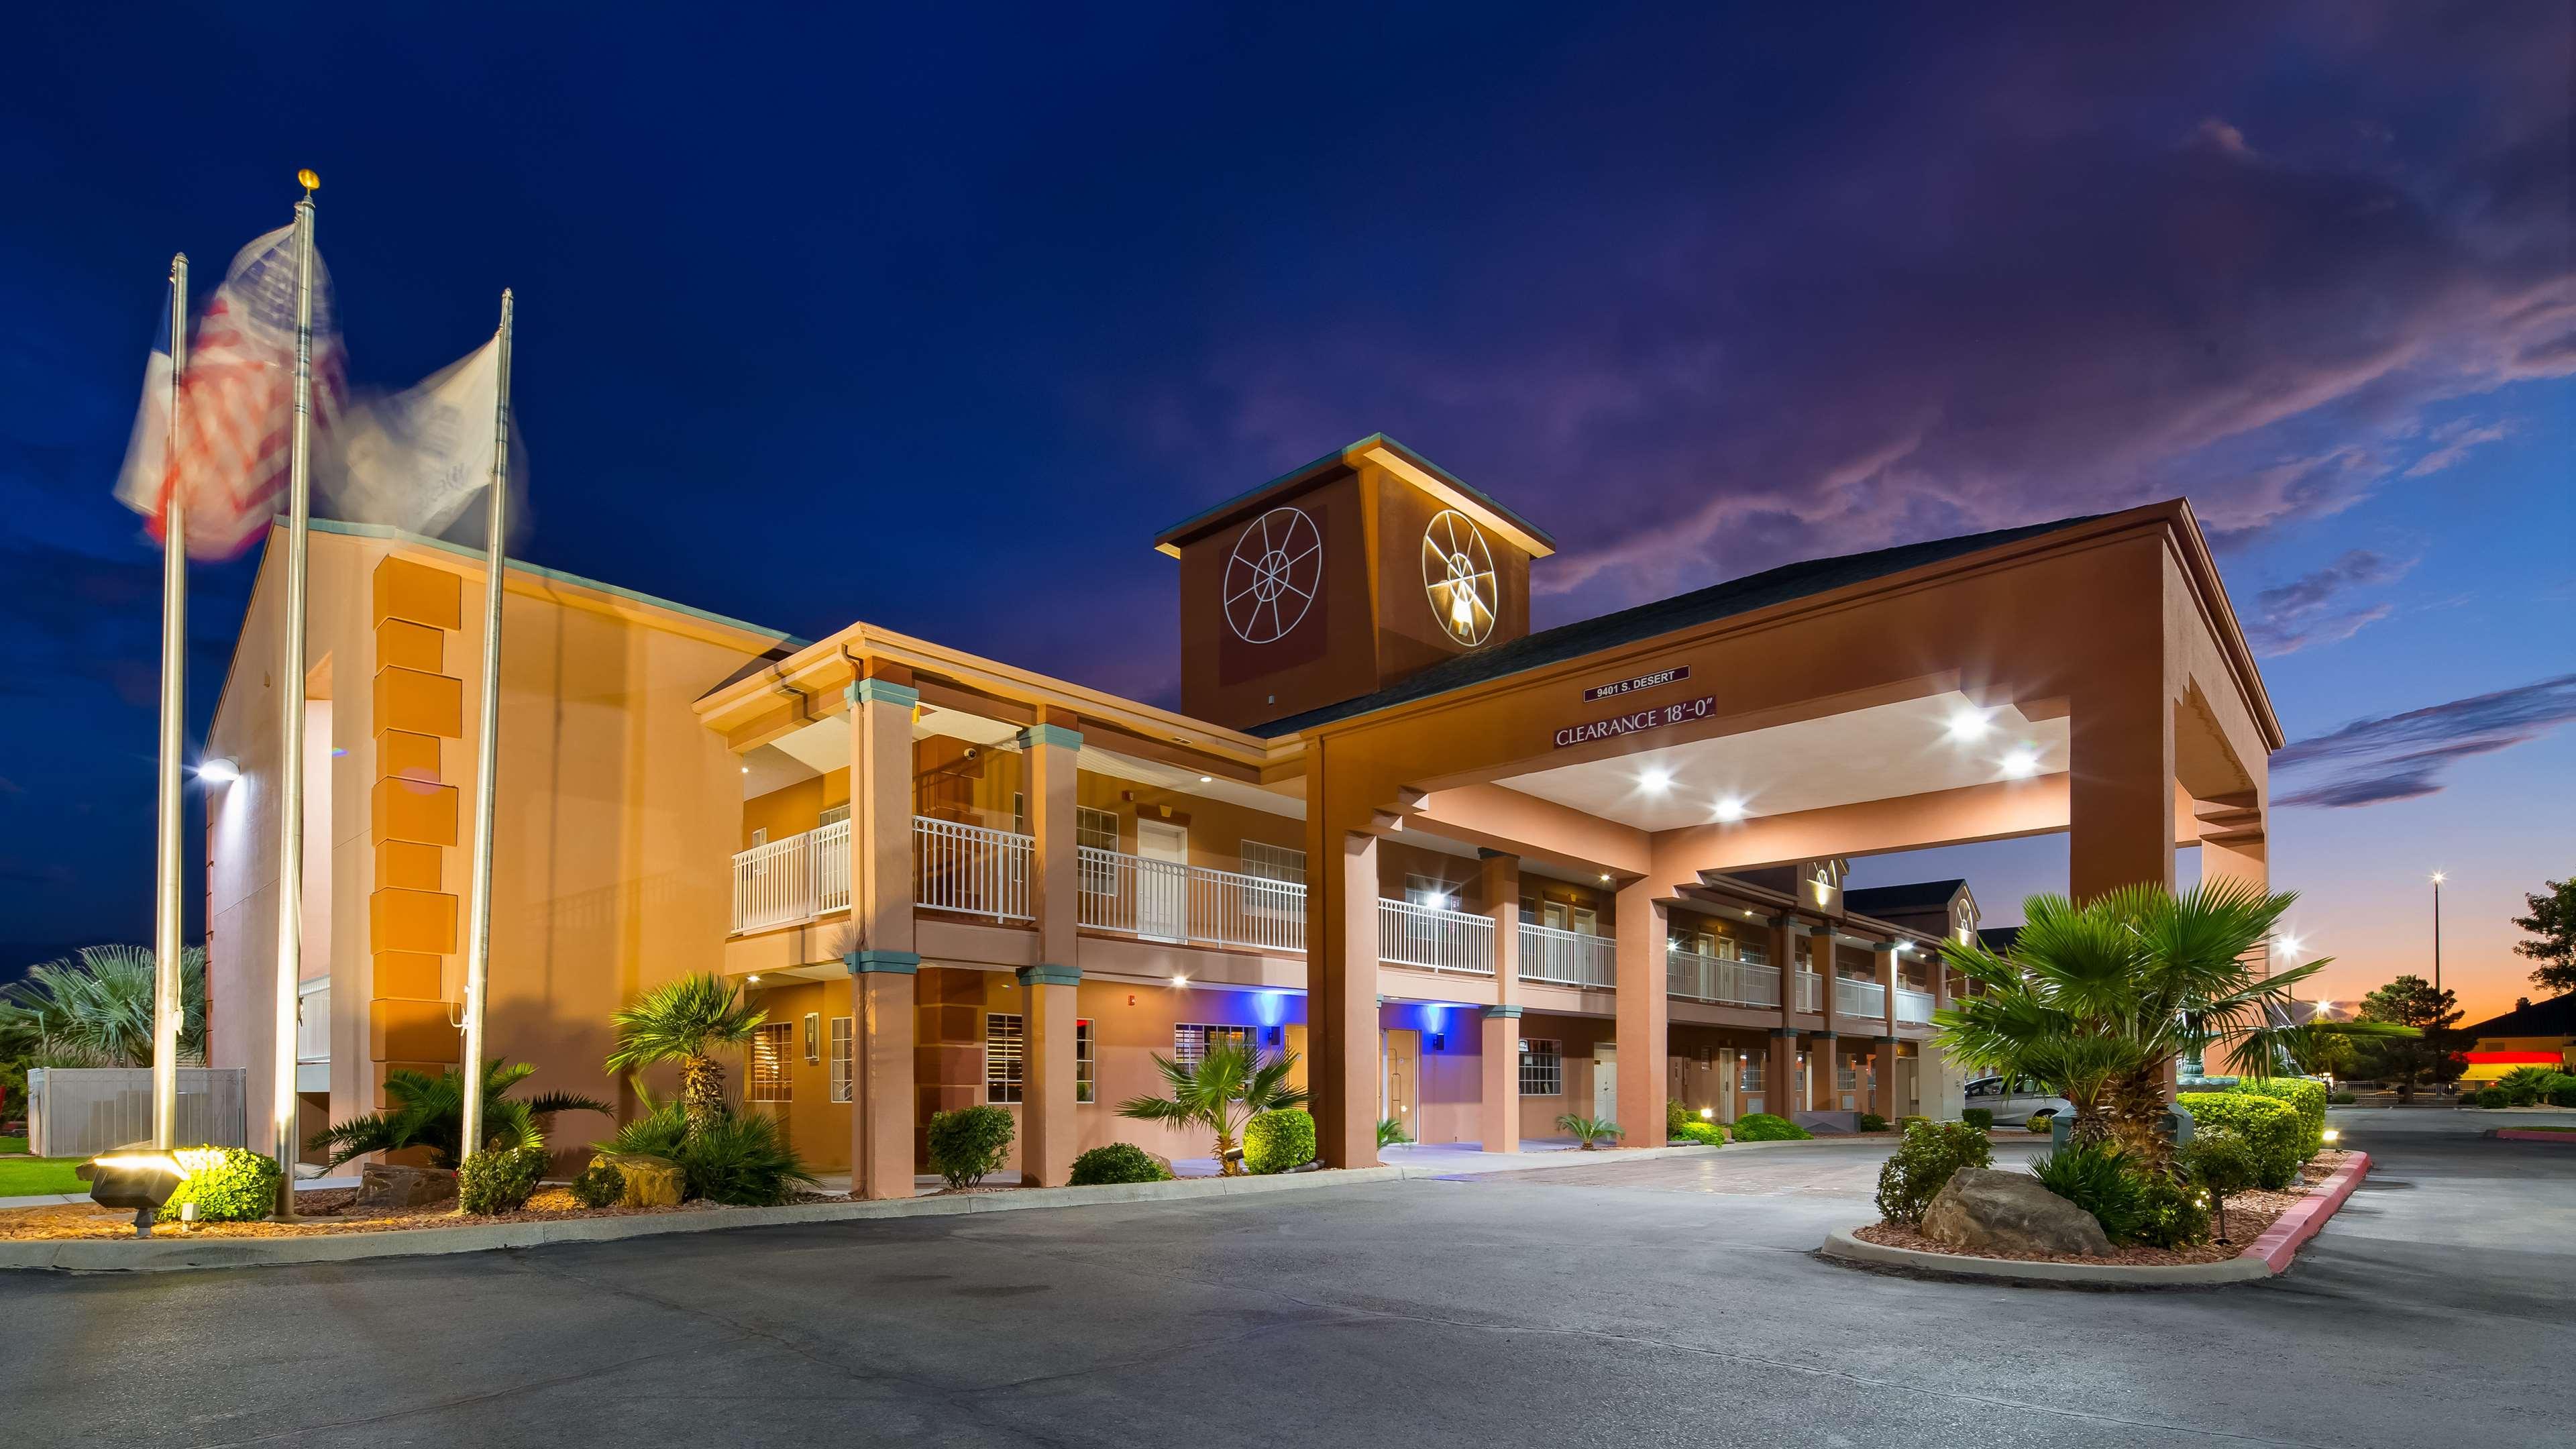 Anthony Tx Motels